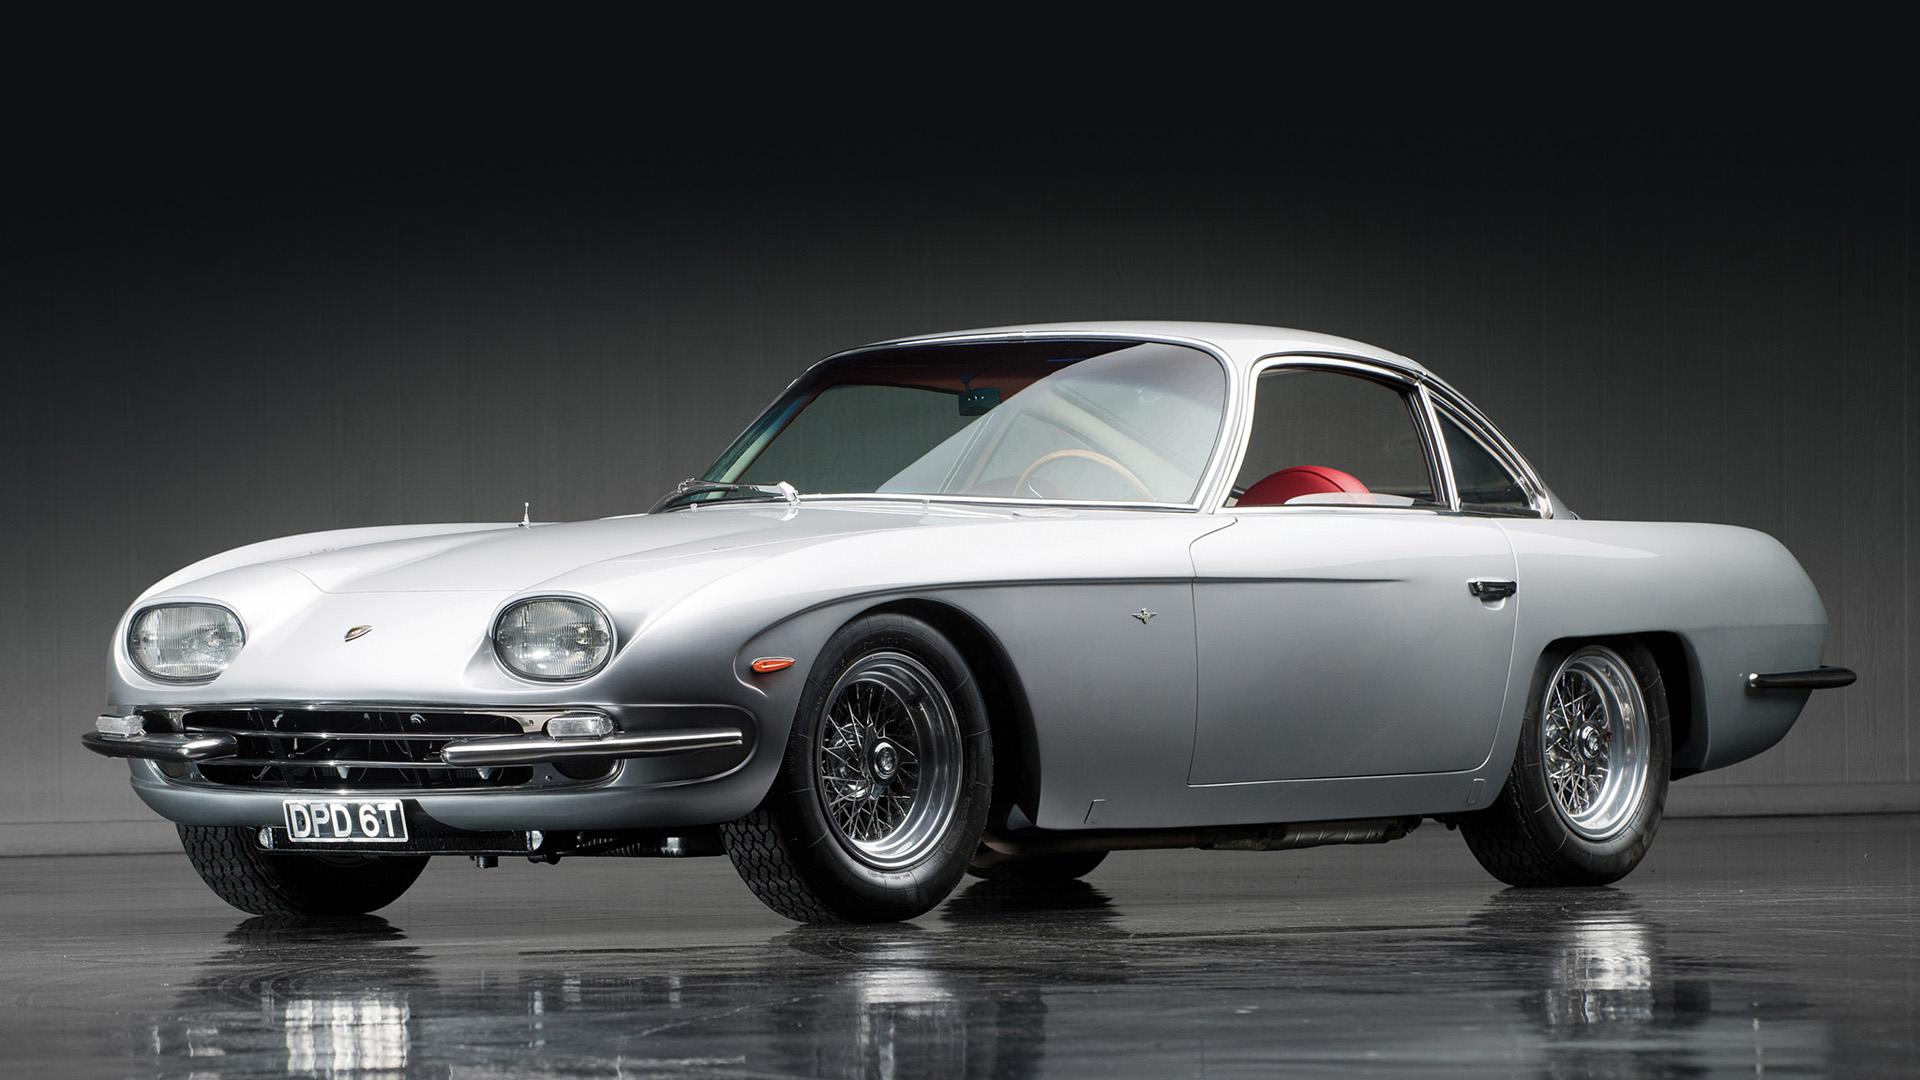 The Complete History Of The Lamborghini Miura Garage Dreams